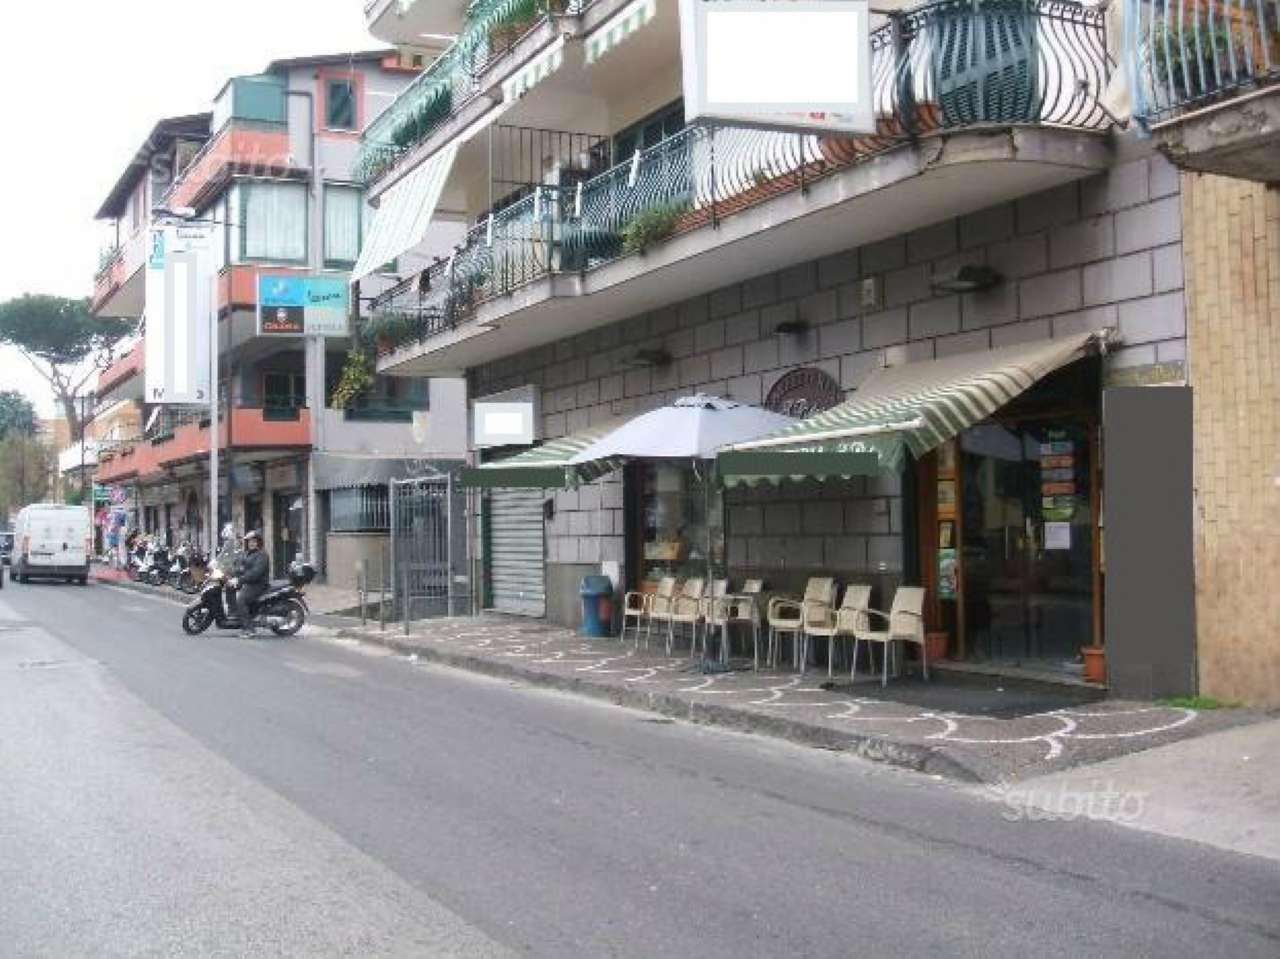 Negozio / Locale in vendita a Giugliano in Campania, 2 locali, prezzo € 185.000 | Cambio Casa.it